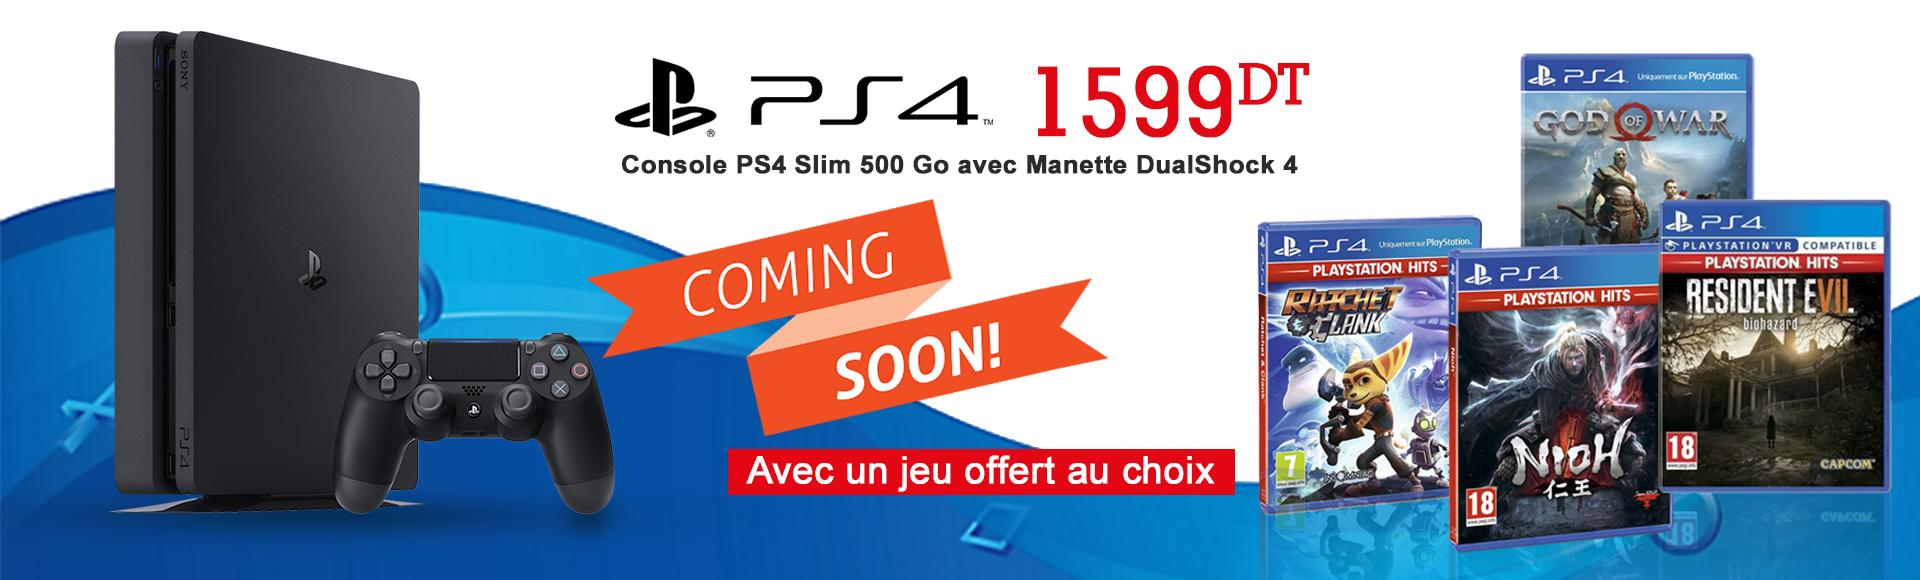 Consoles PS4 Slim 500G noire + 1 jeu au choix